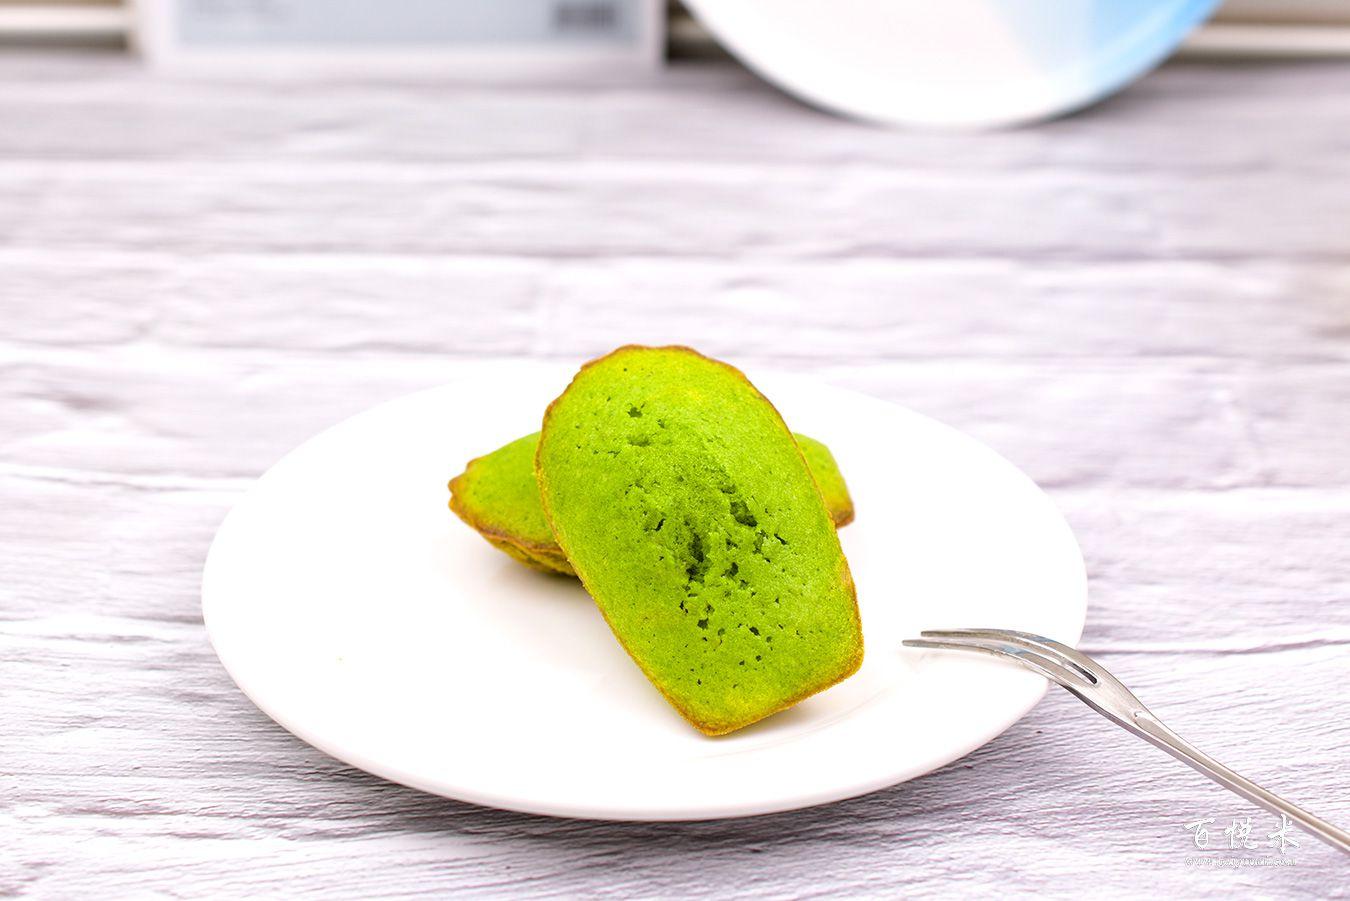 抹茶蔓越莓玛德琳高清图片大全【蛋糕图片】_367